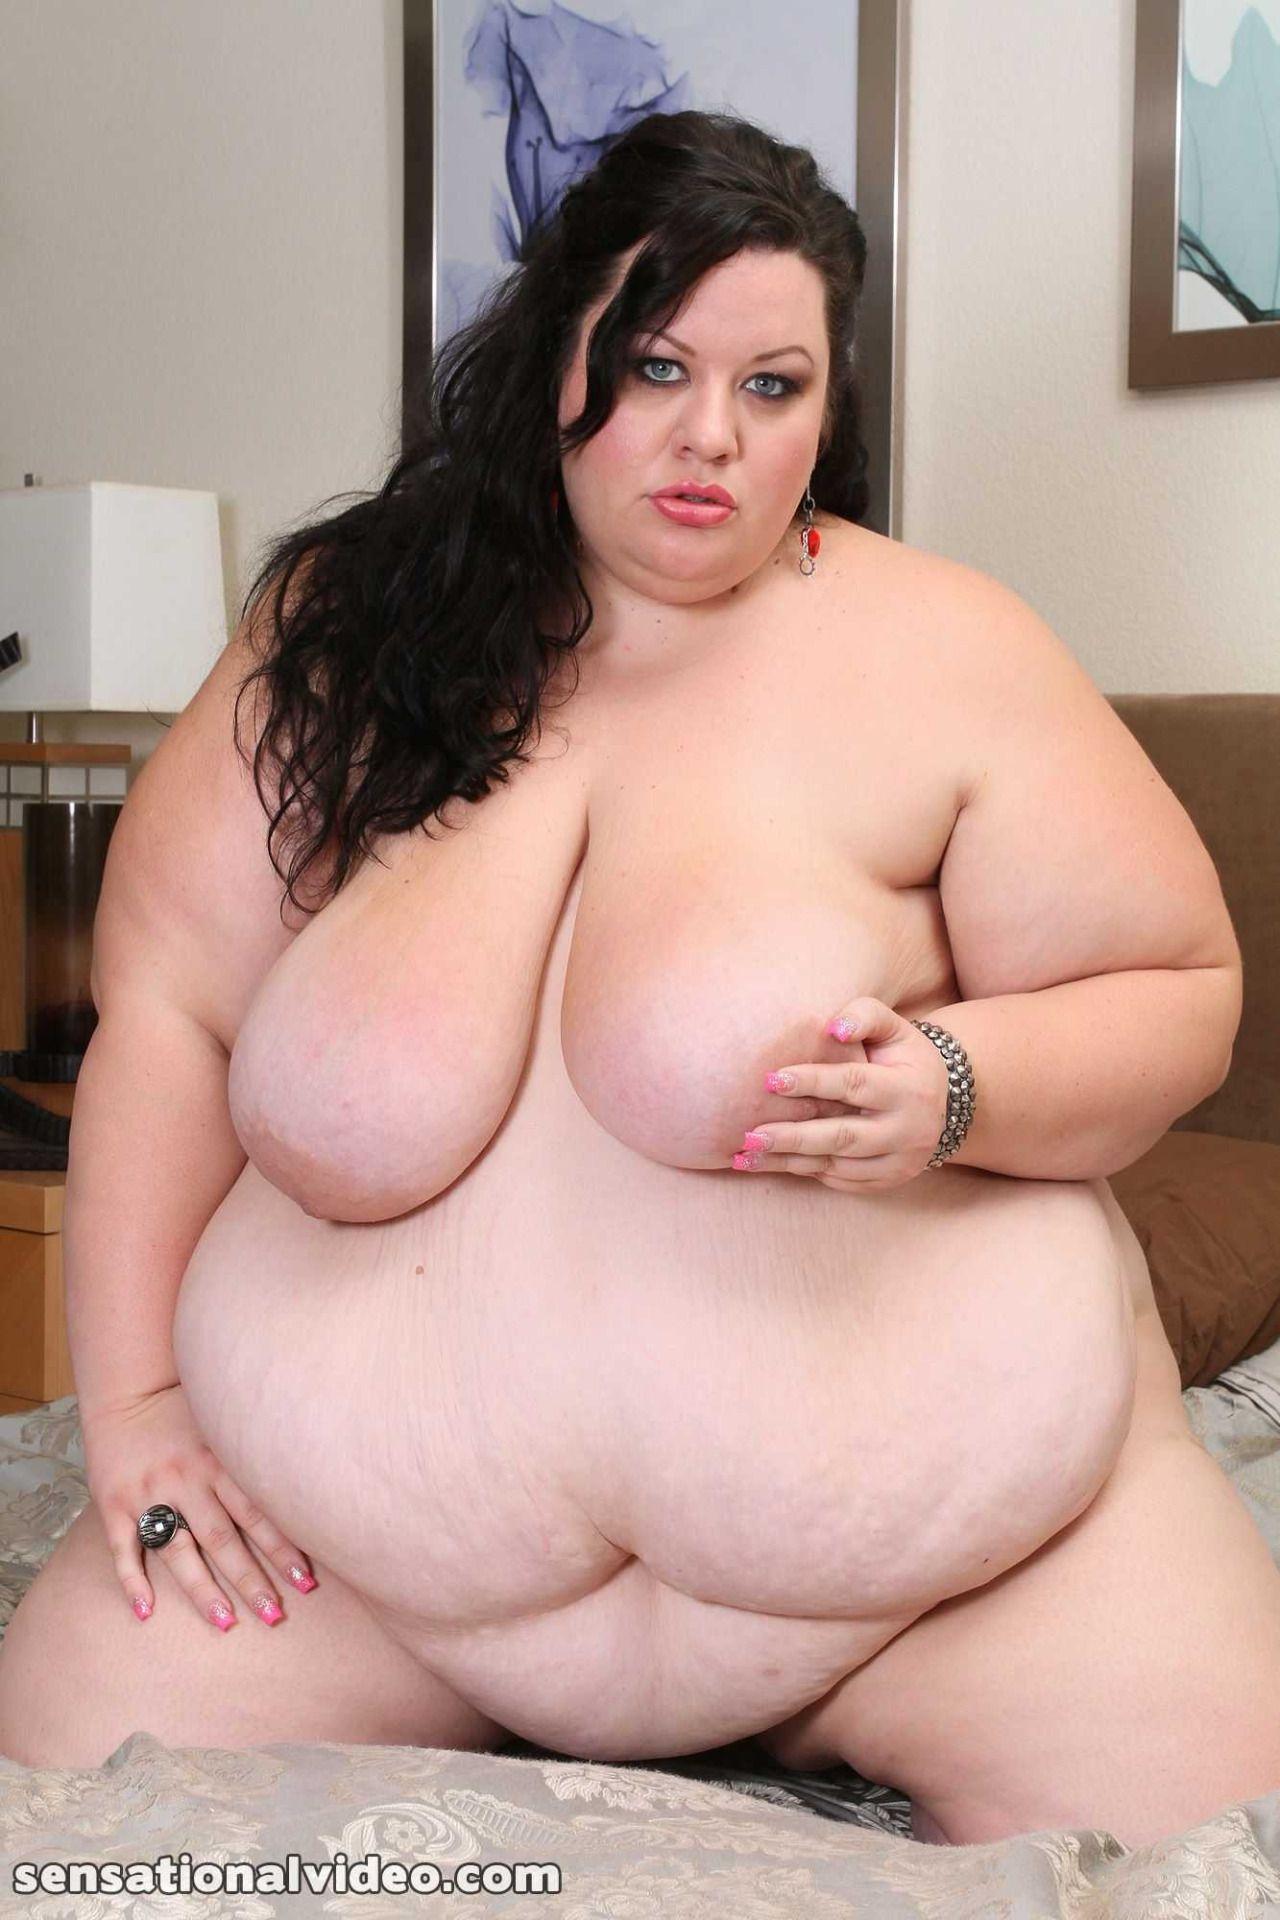 Hot topless girls in bikinis gif